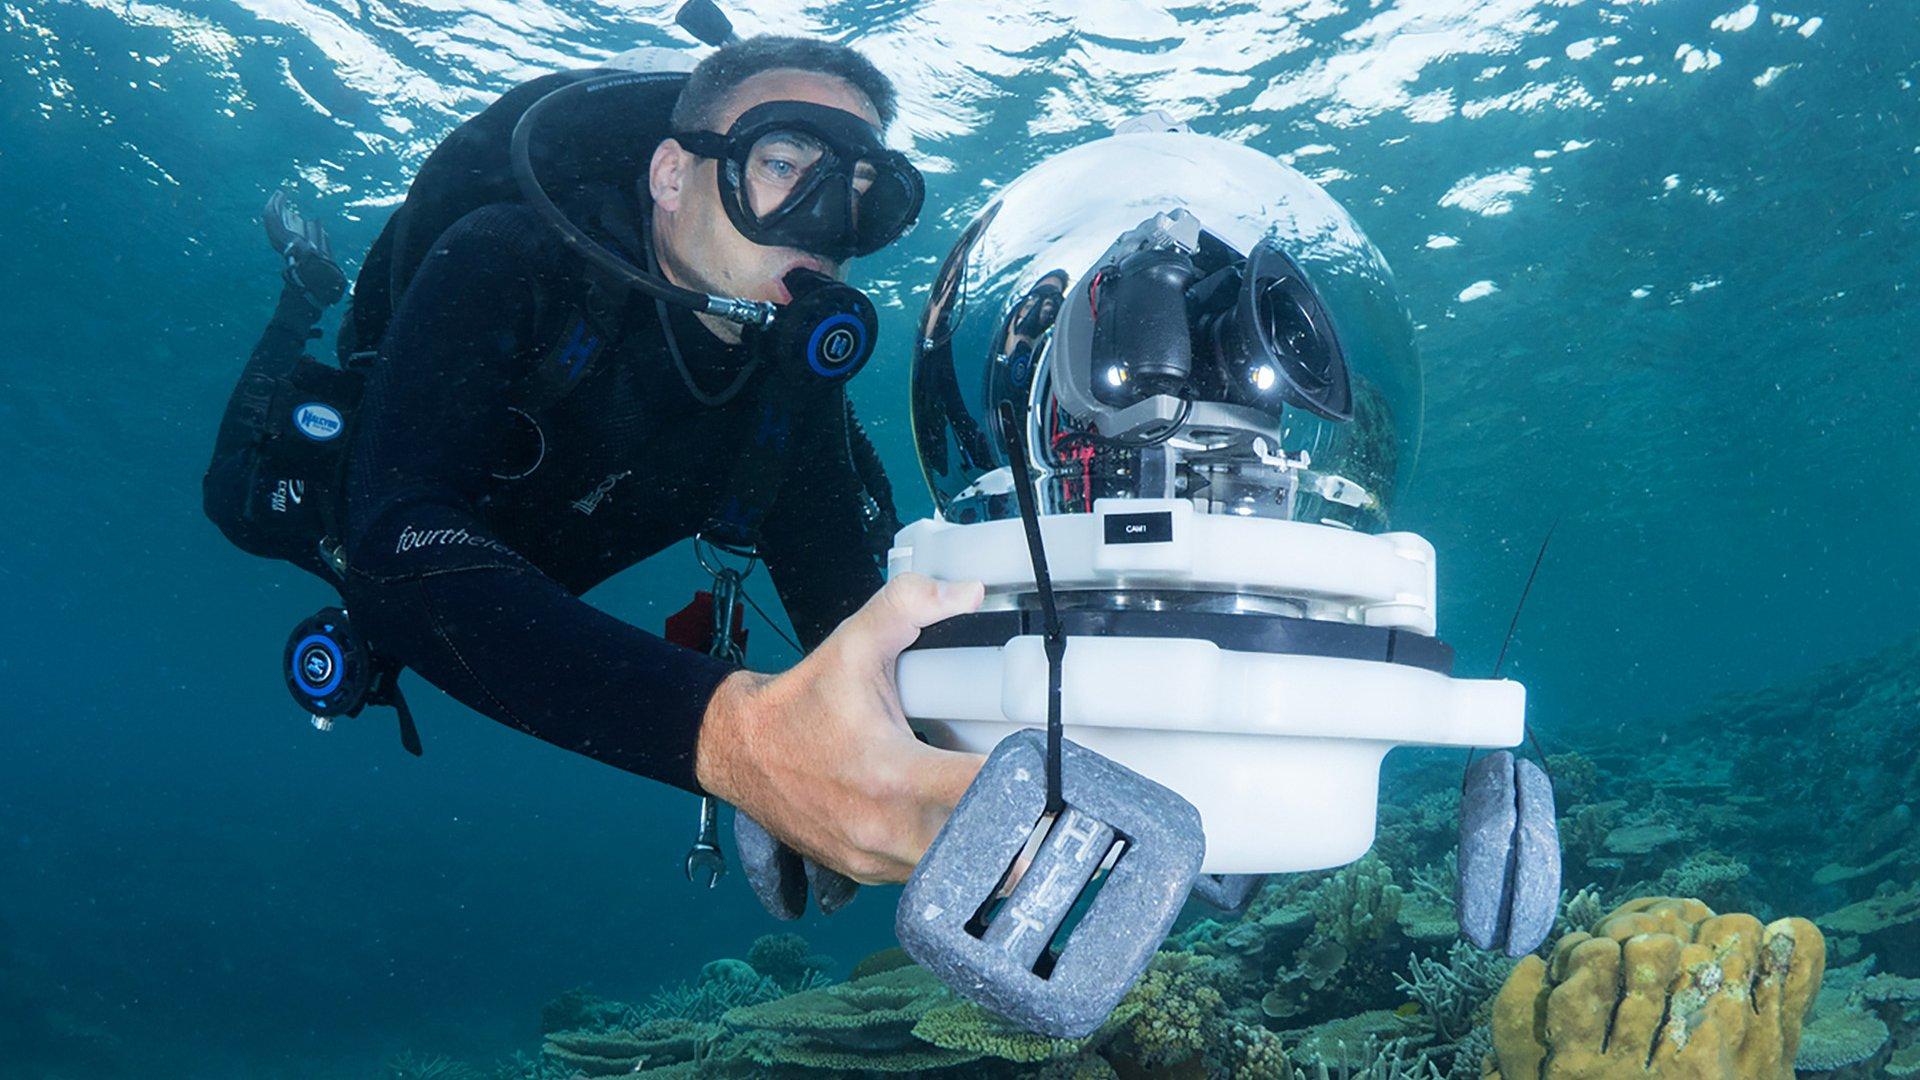 Google Keyword Chasing Coral Image 005.jpeg